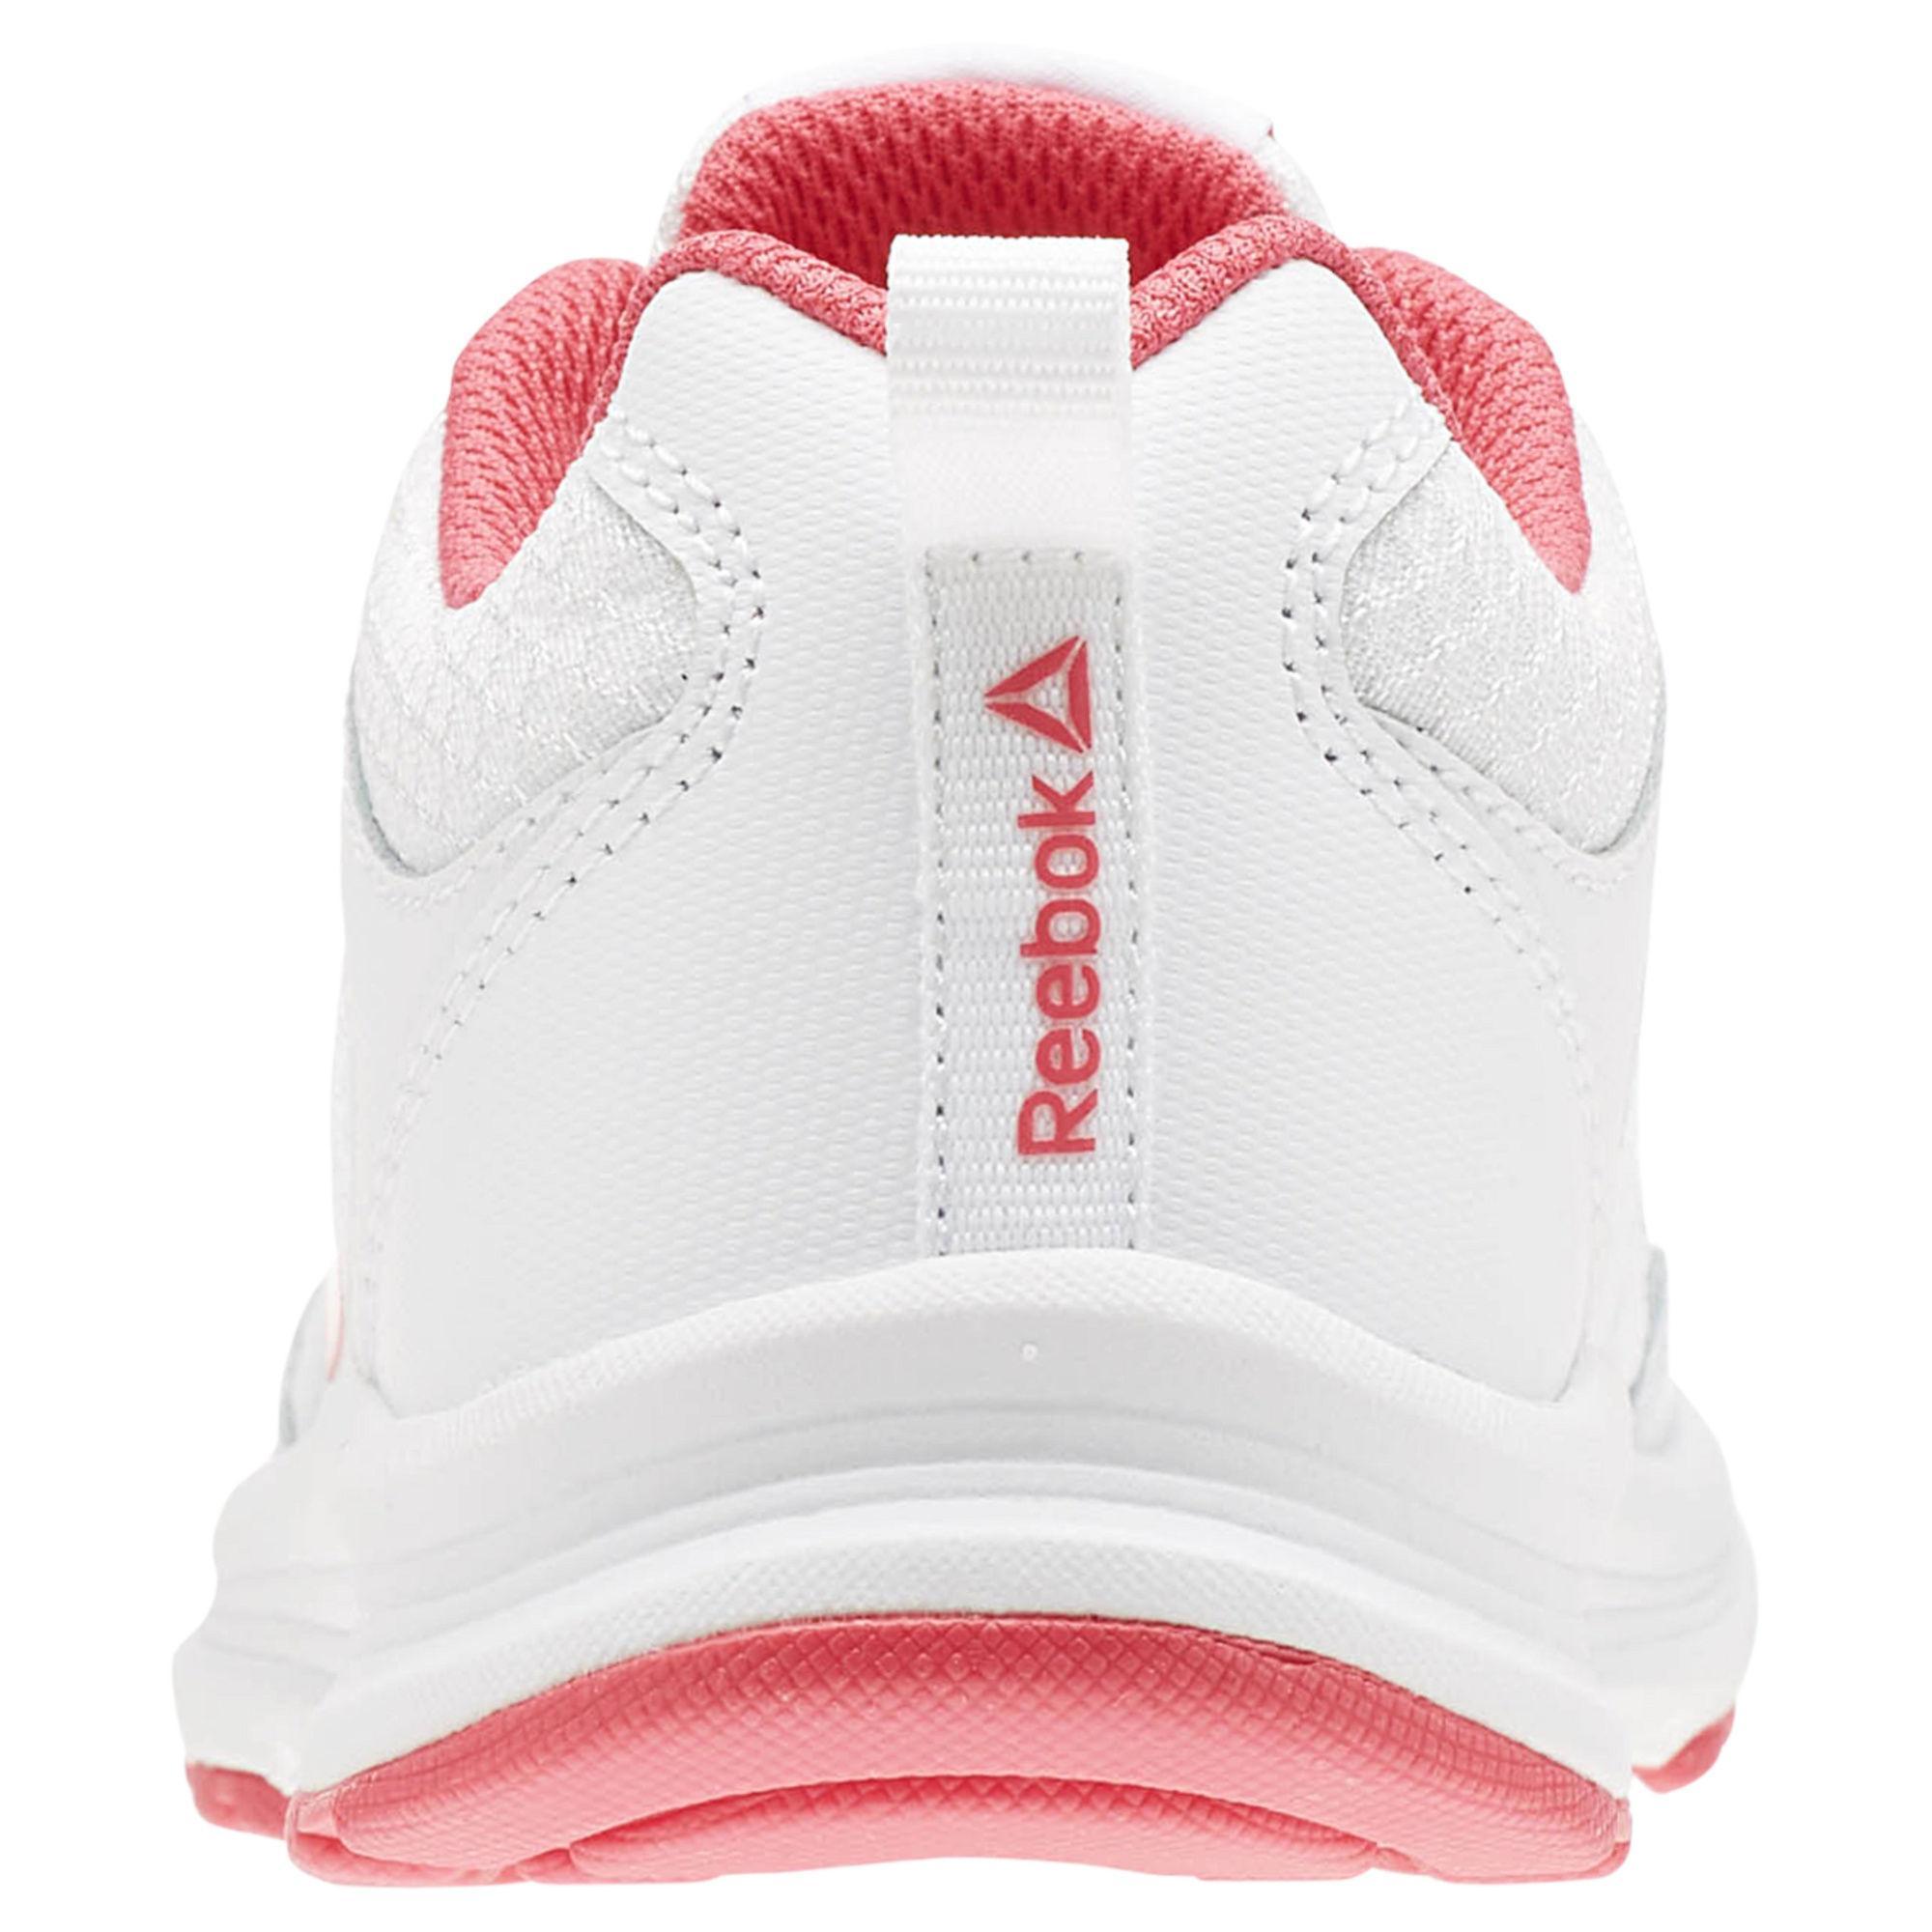 Reebok Reebok Reebok Laufschuhe Damen Weiß/Twisted Pink/Silver Met im Online Shop von SportScheck kaufen Gute Qualität beliebte Schuhe 7c9004